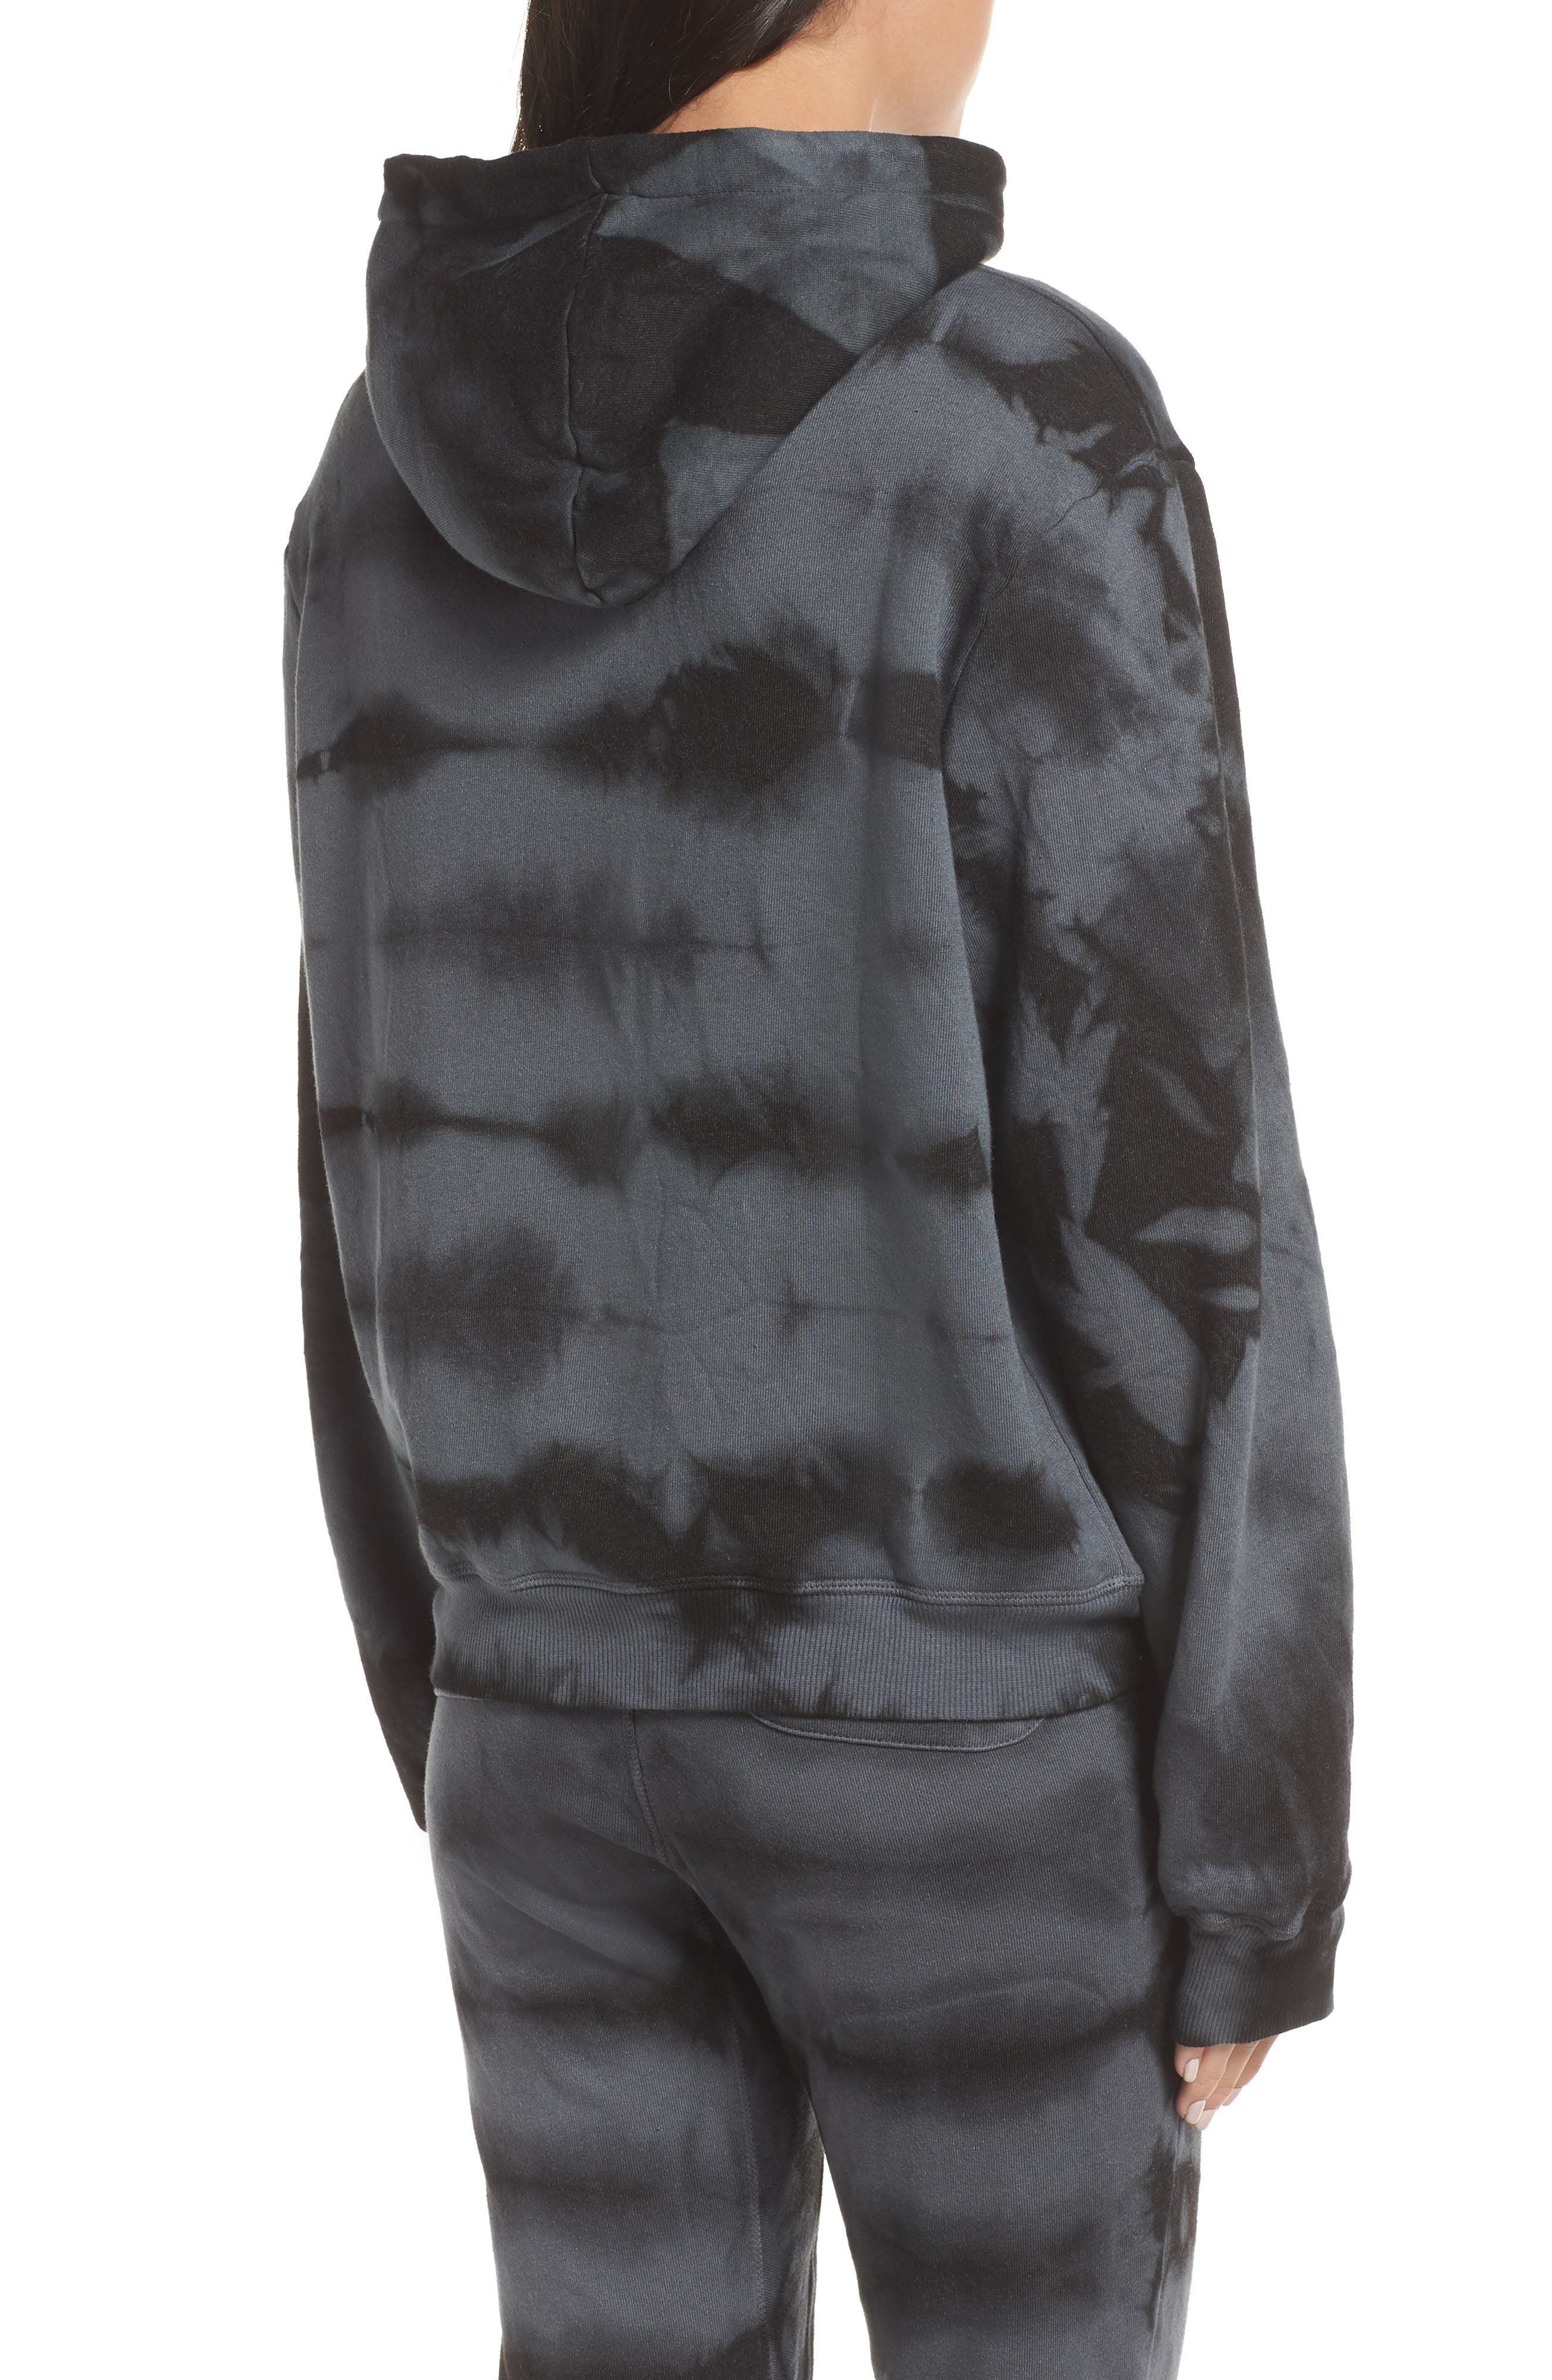 RAGDOLL Hoodie Sweatshirt in Black